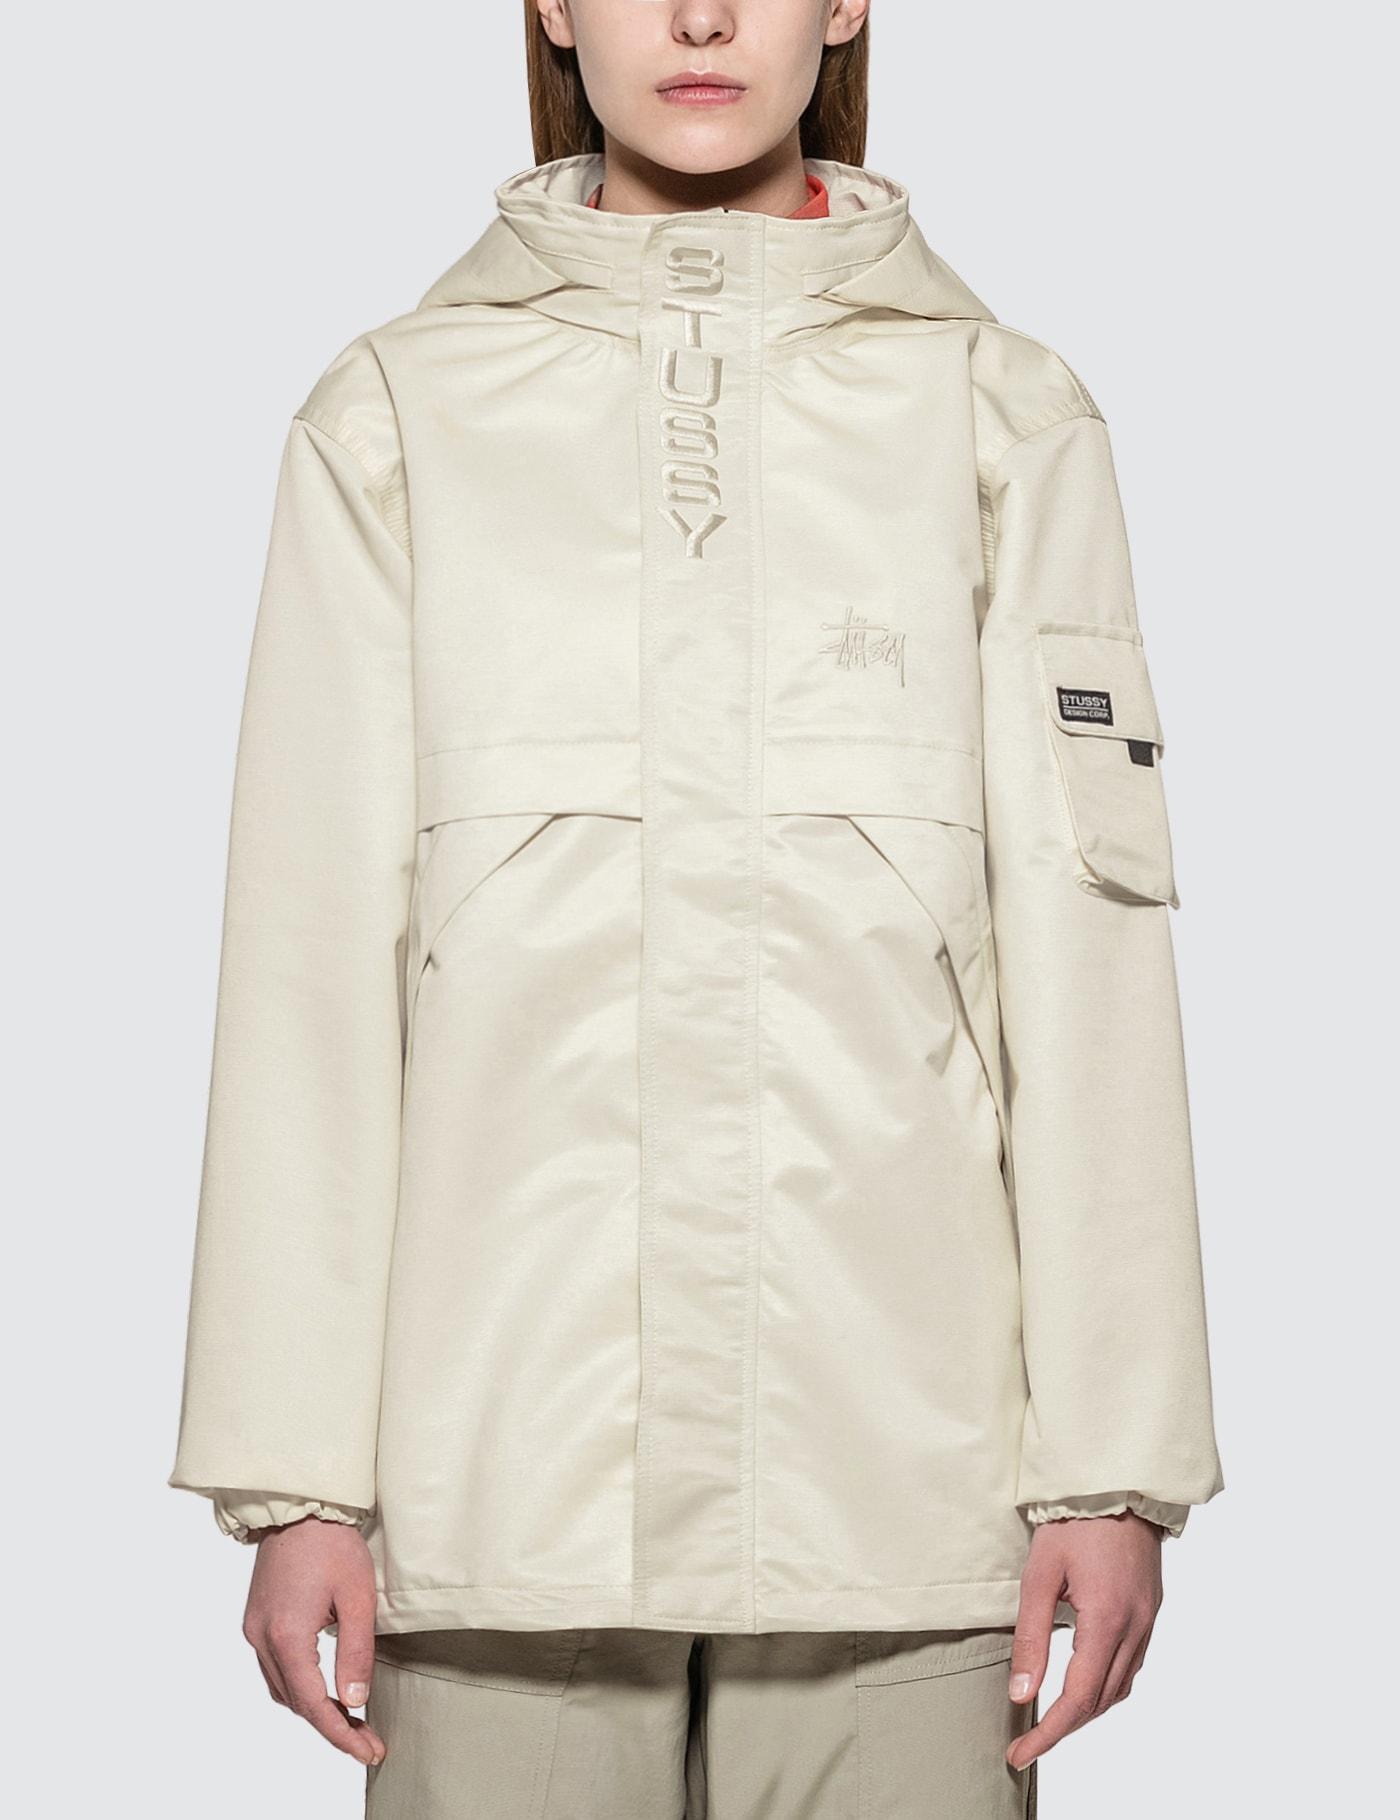 Terrain Tech Jacket